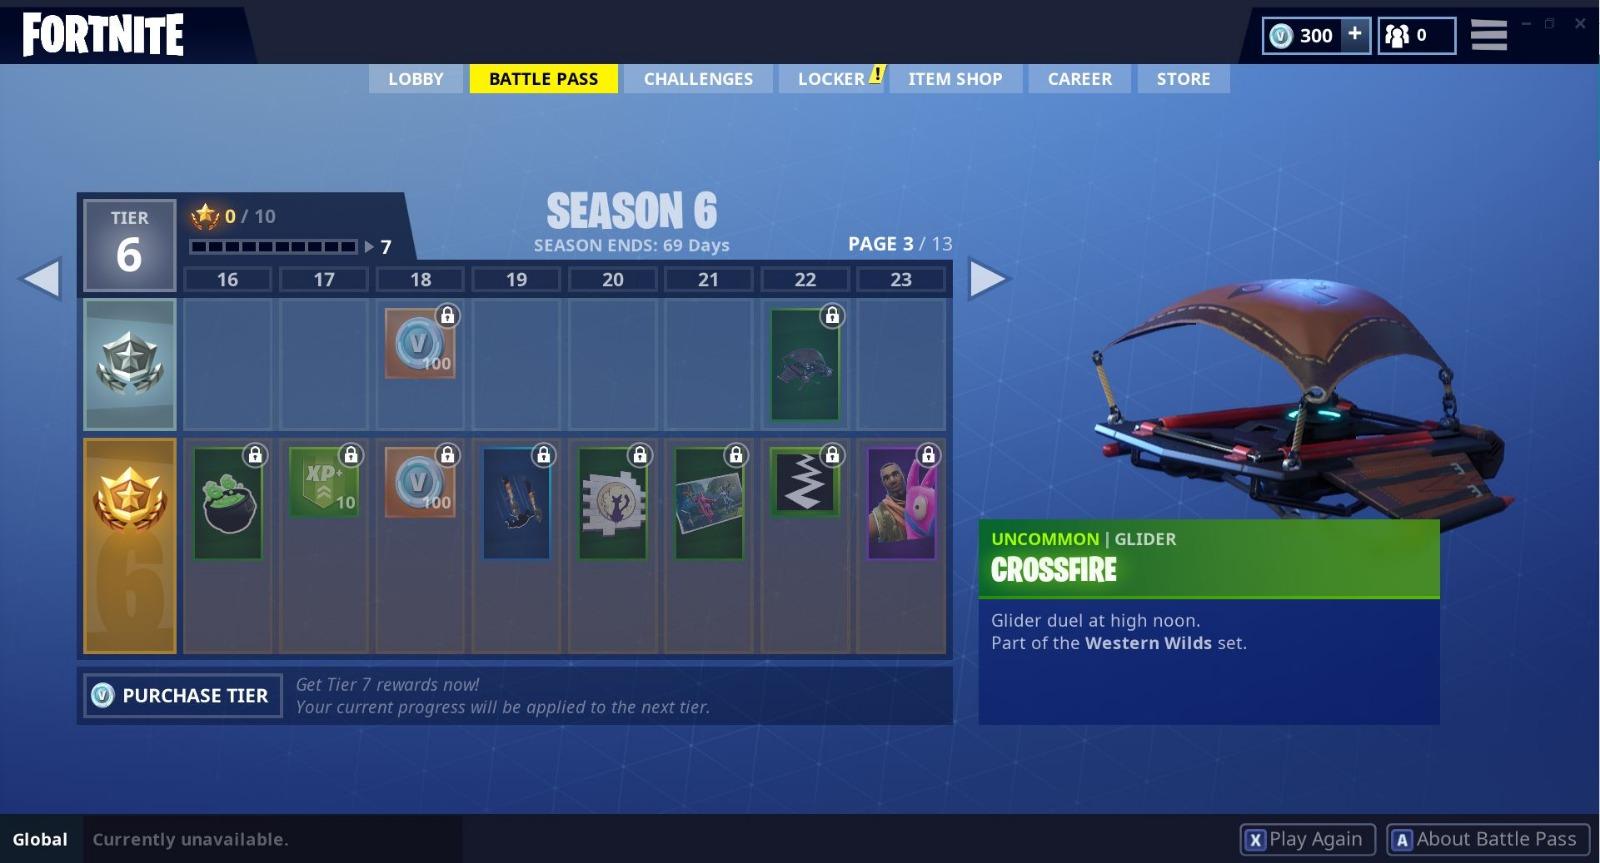 Fortnite Season 6 Battle Pass All Rewards Fortnite Insider